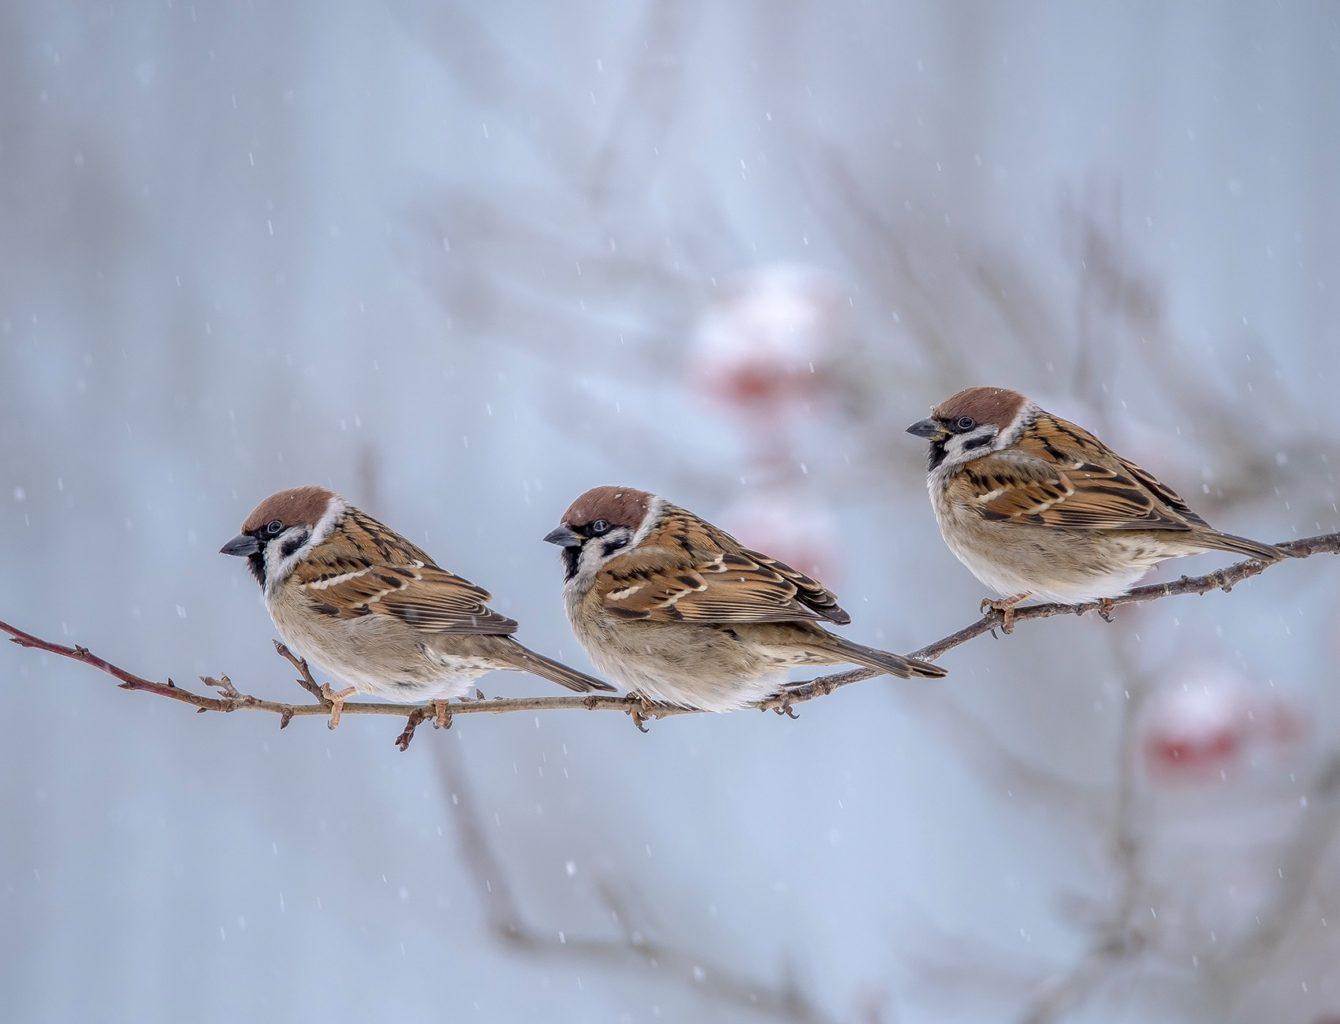 Ученые: из-за глобального потепления певчие птицы стали меньше в размерах